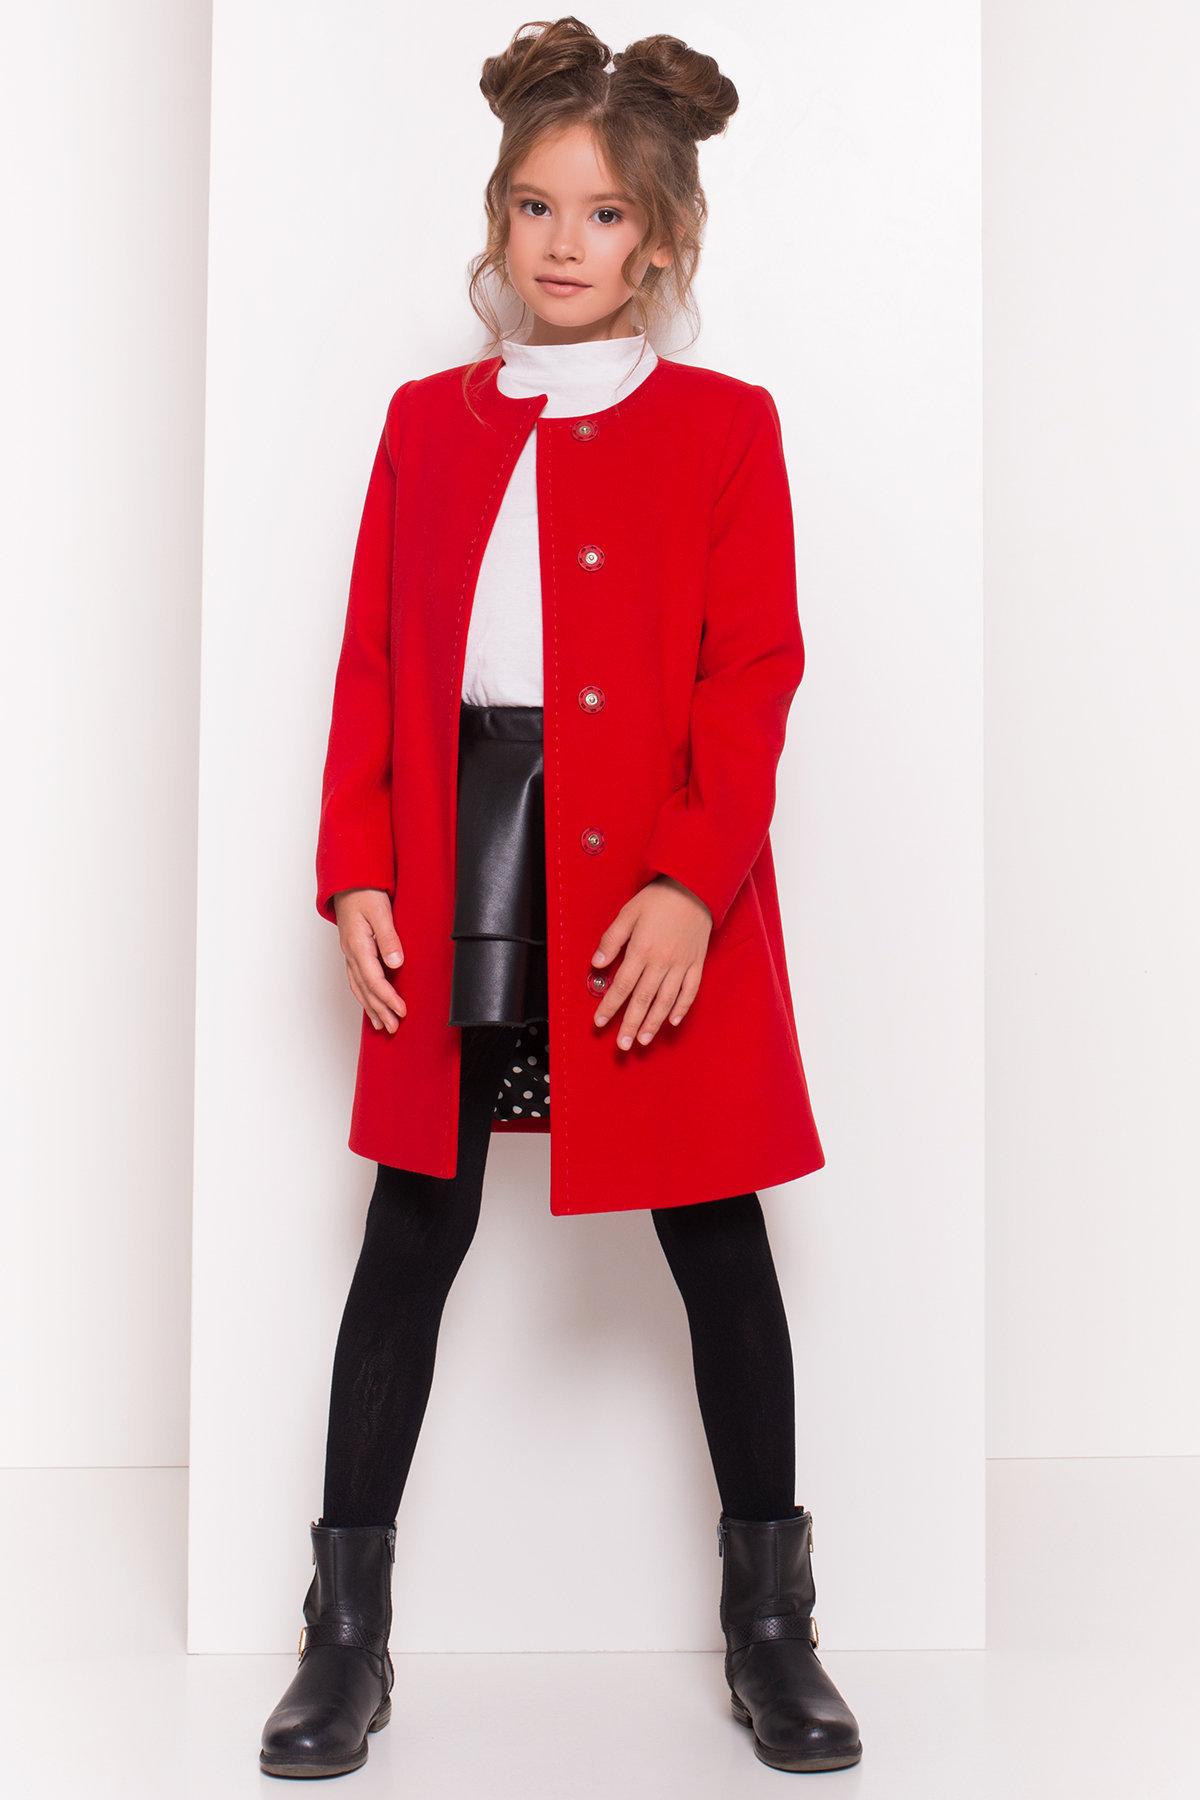 Пальто детское Чита 5297 АРТ. 38350 Цвет: Красный - фото 8, интернет магазин tm-modus.ru